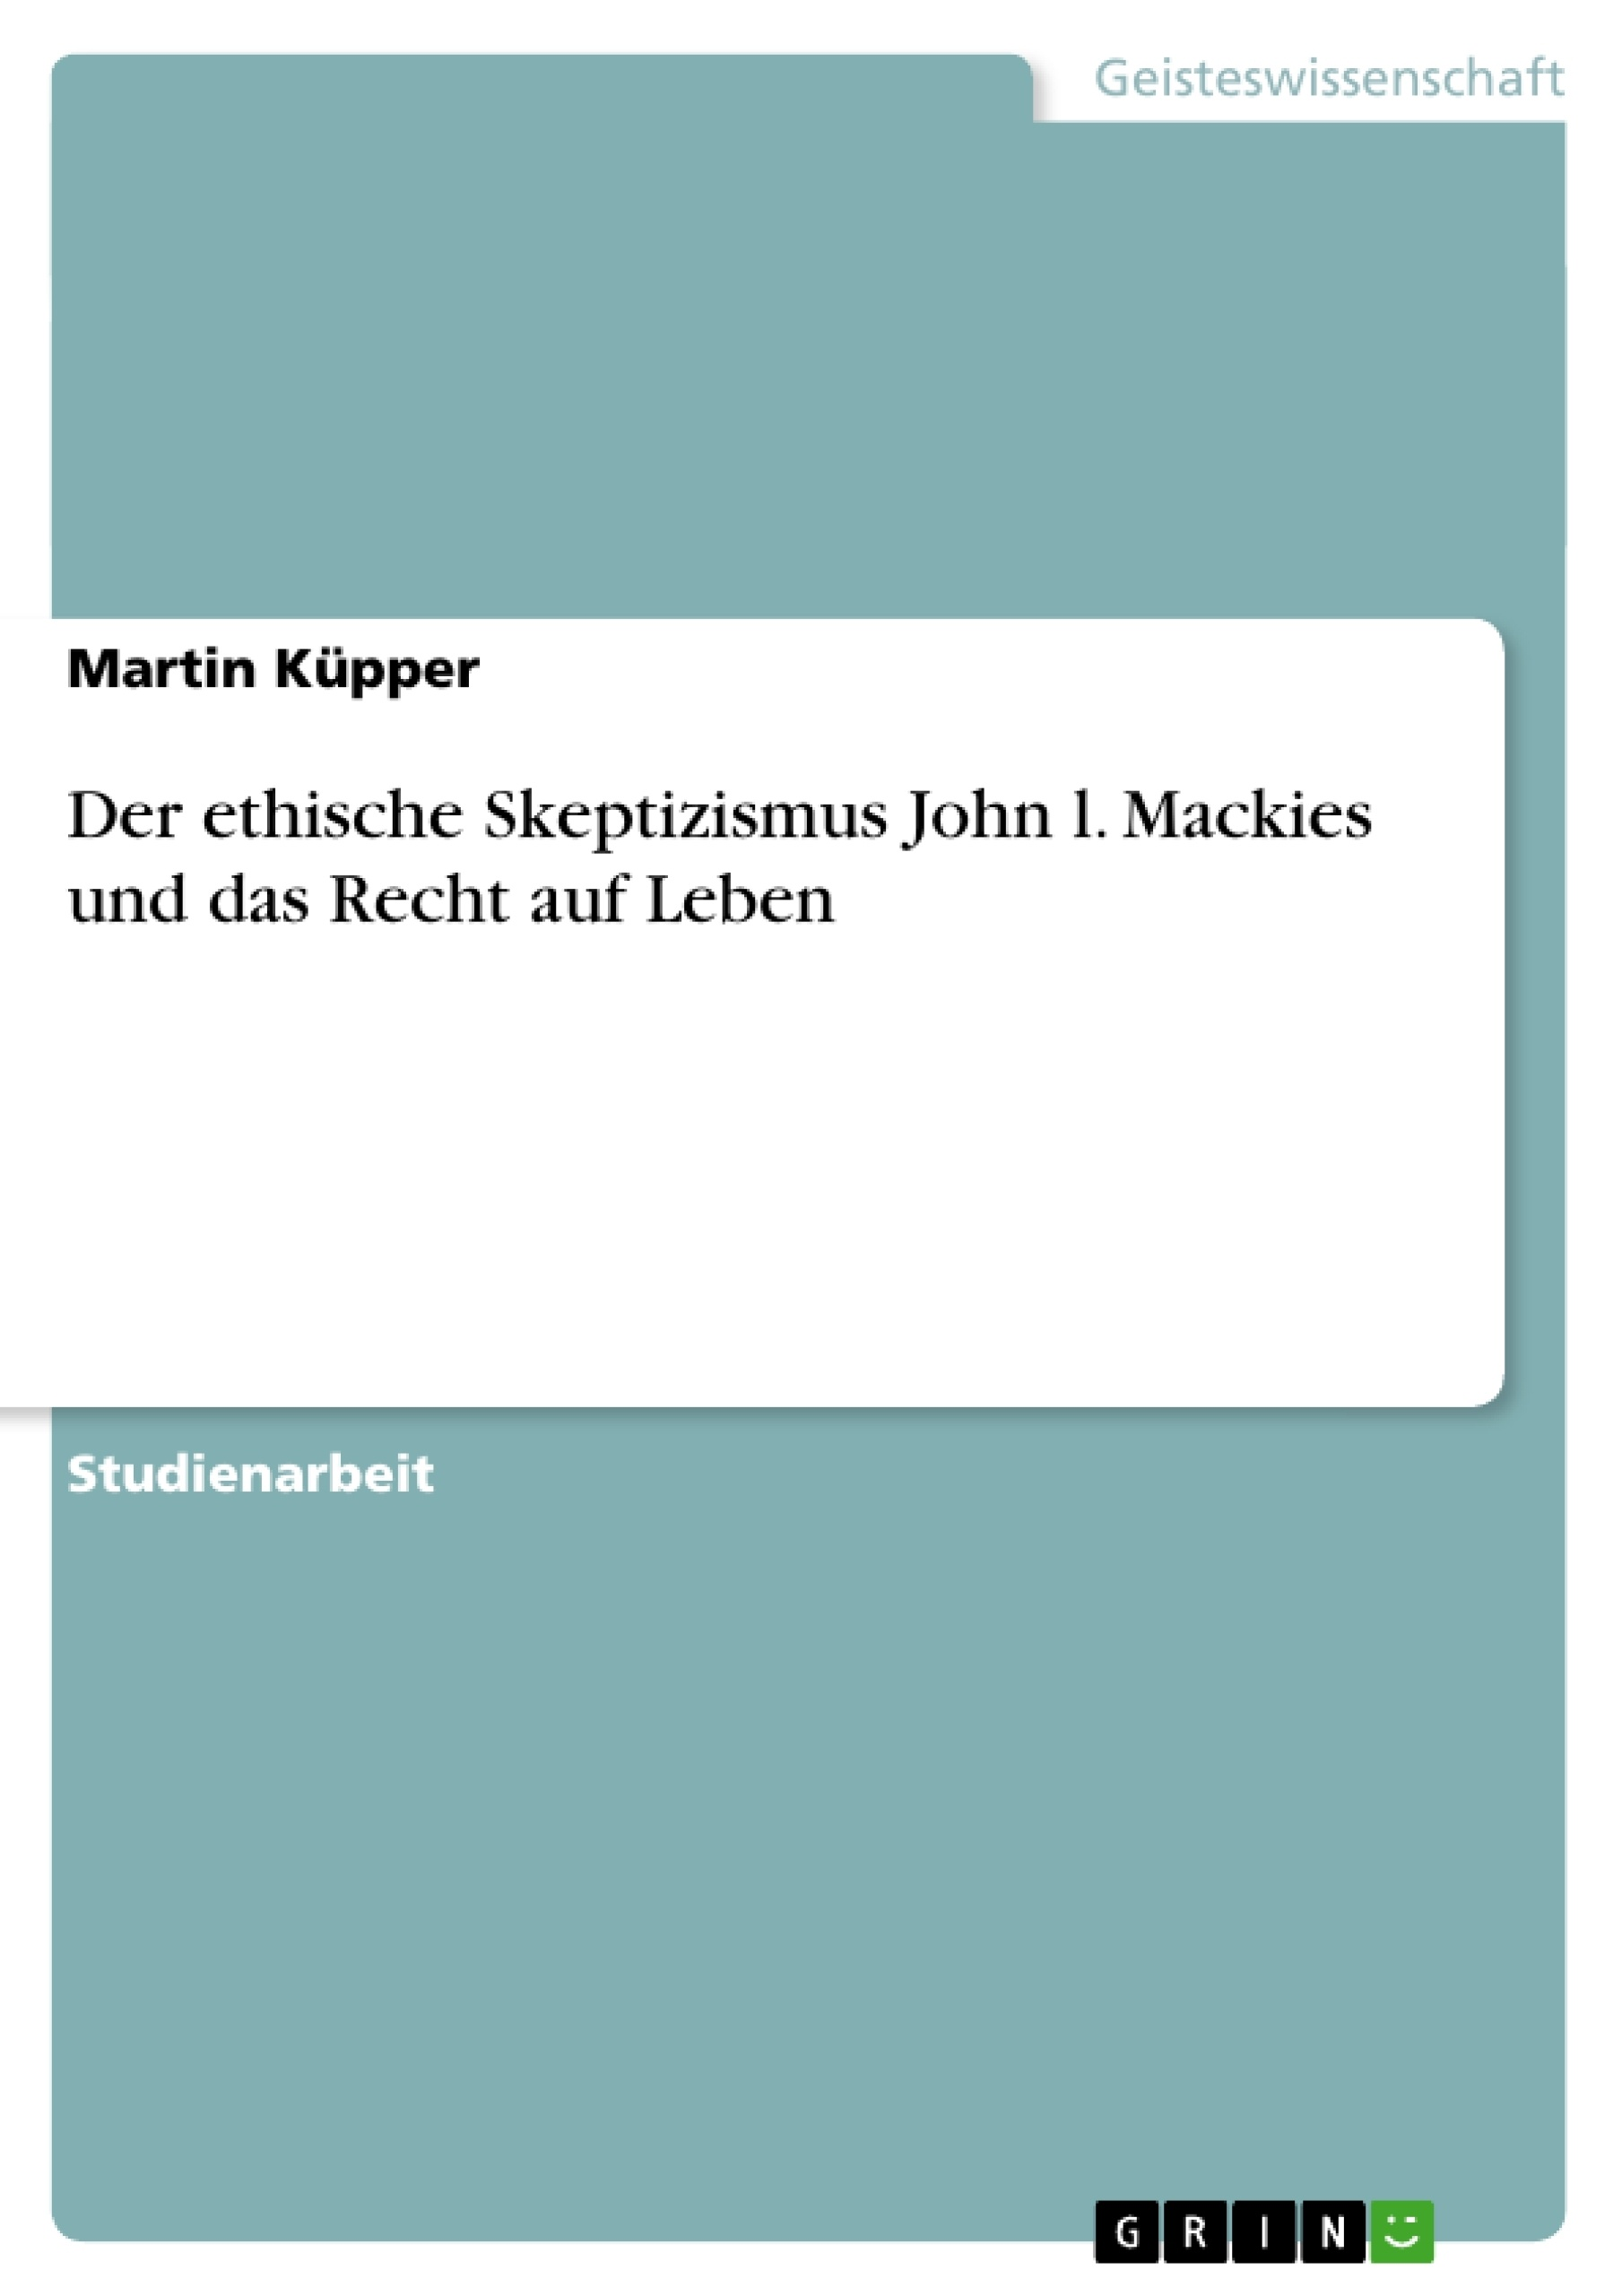 Titel: Der ethische Skeptizismus John l. Mackies und das Recht auf Leben